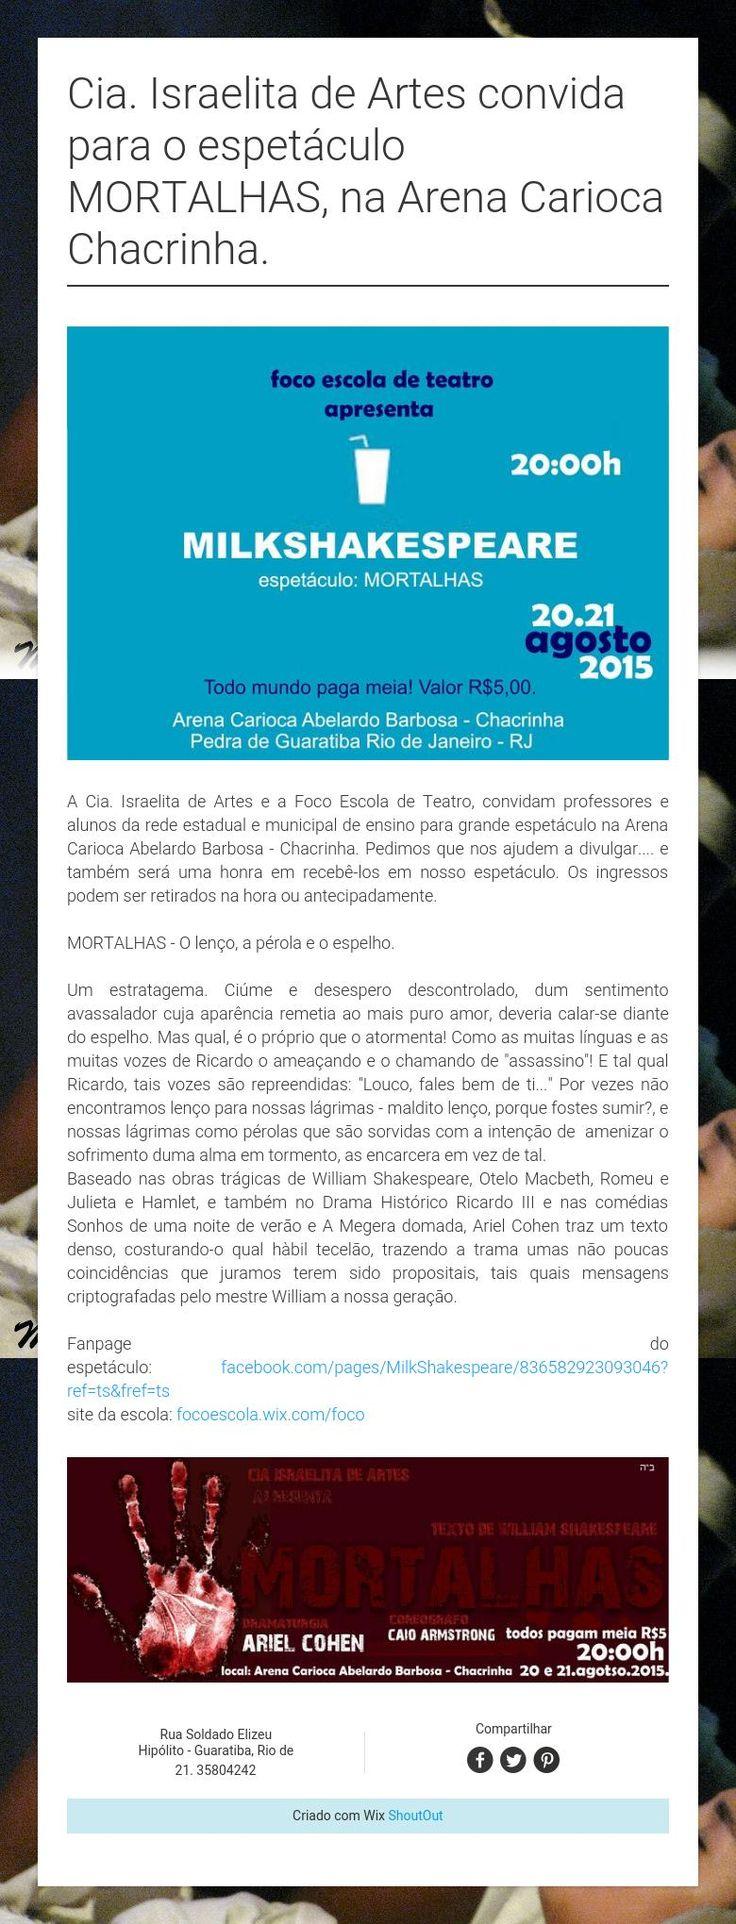 Cia. Israelita de Artes convida para o espetáculo MORTALHAS, na Arena Carioca Chacrinha.